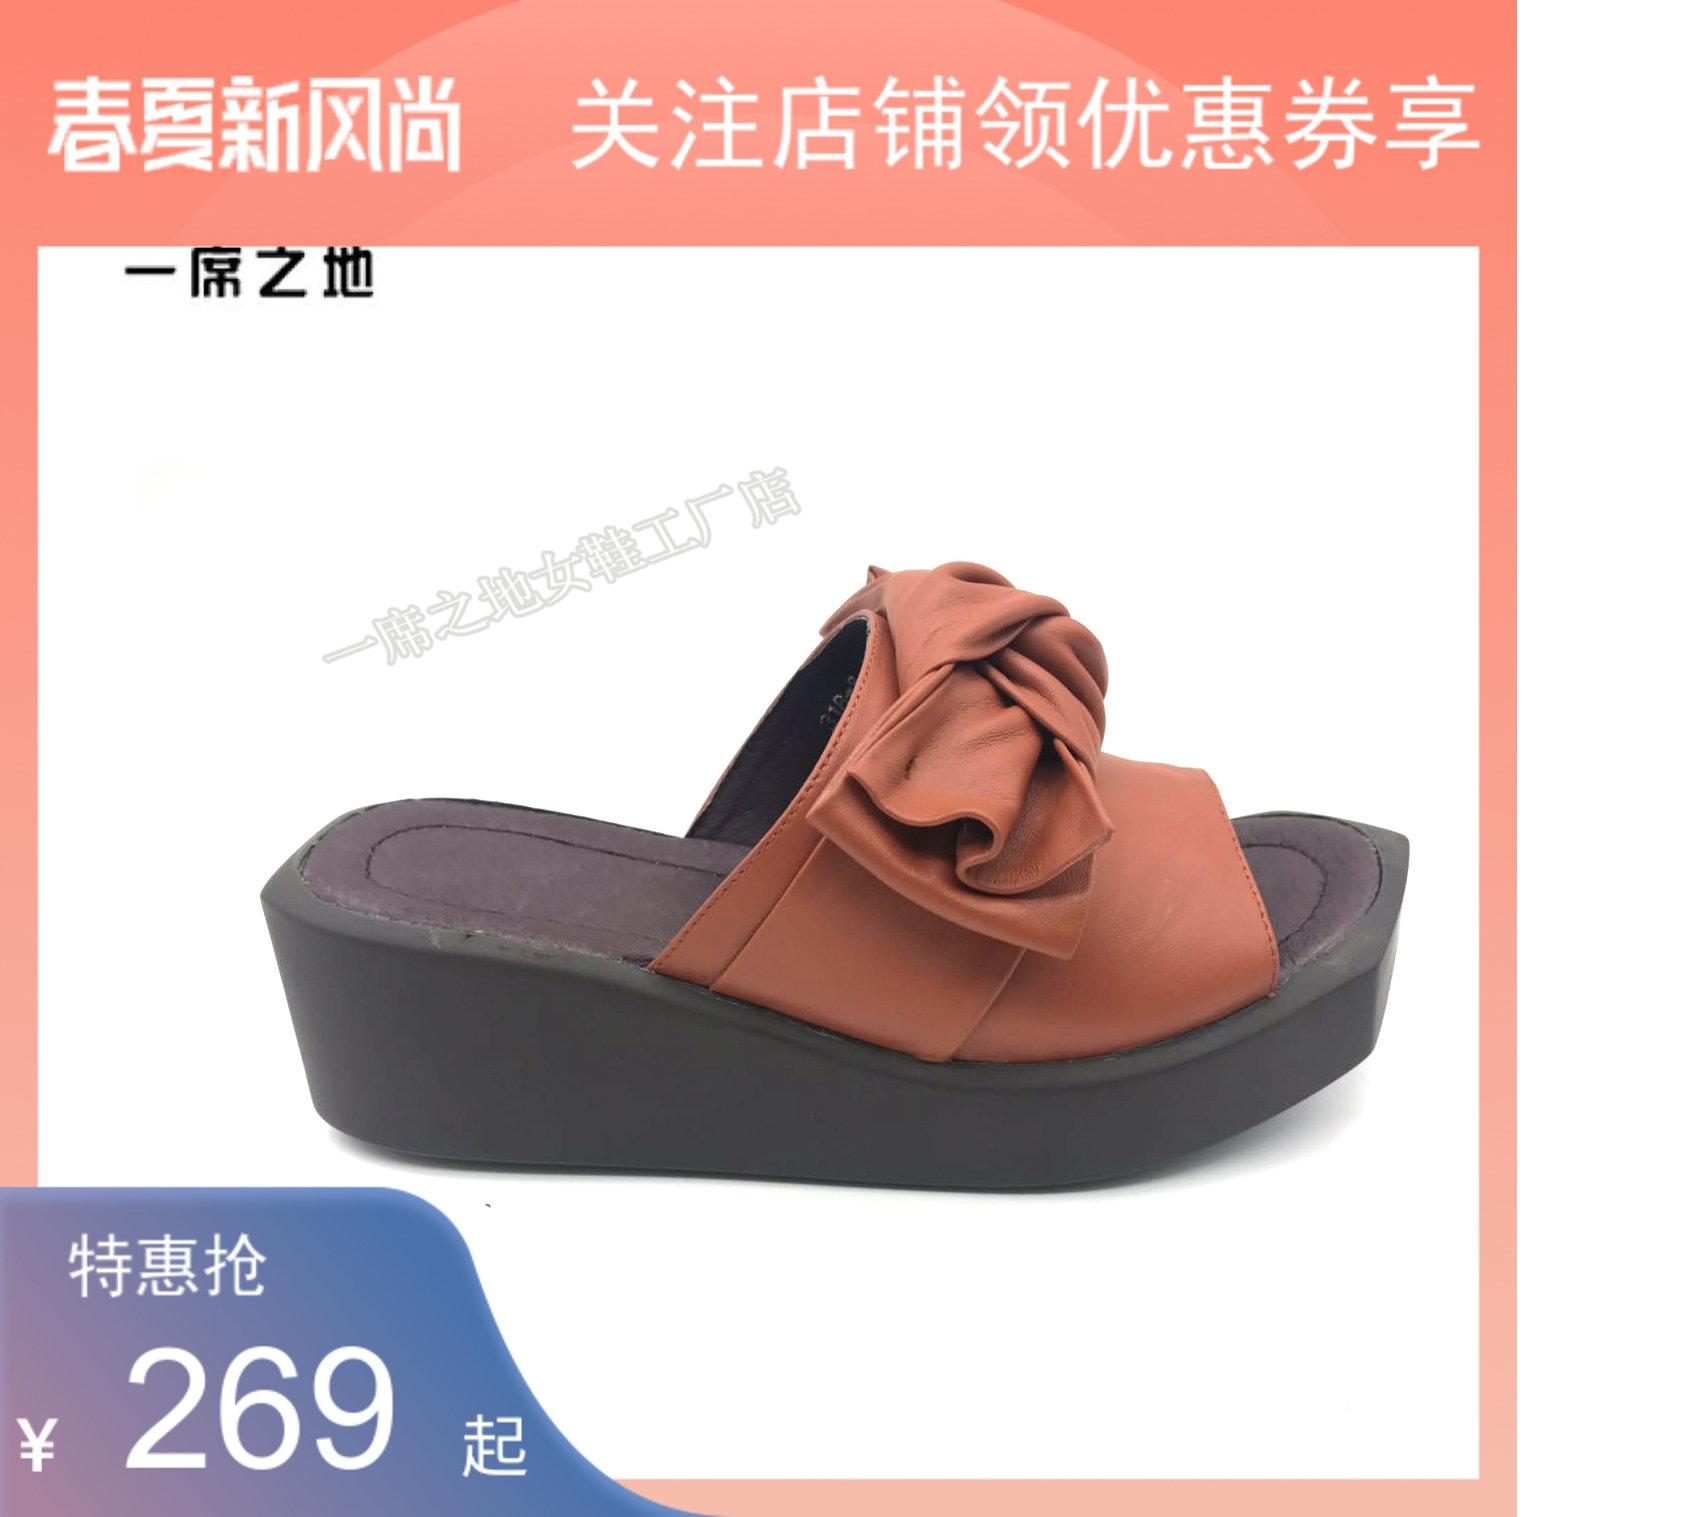 一席之地女鞋工厂夏季真皮宽底厚底坡跟蝴蝶结尖头底女士凉鞋拖鞋